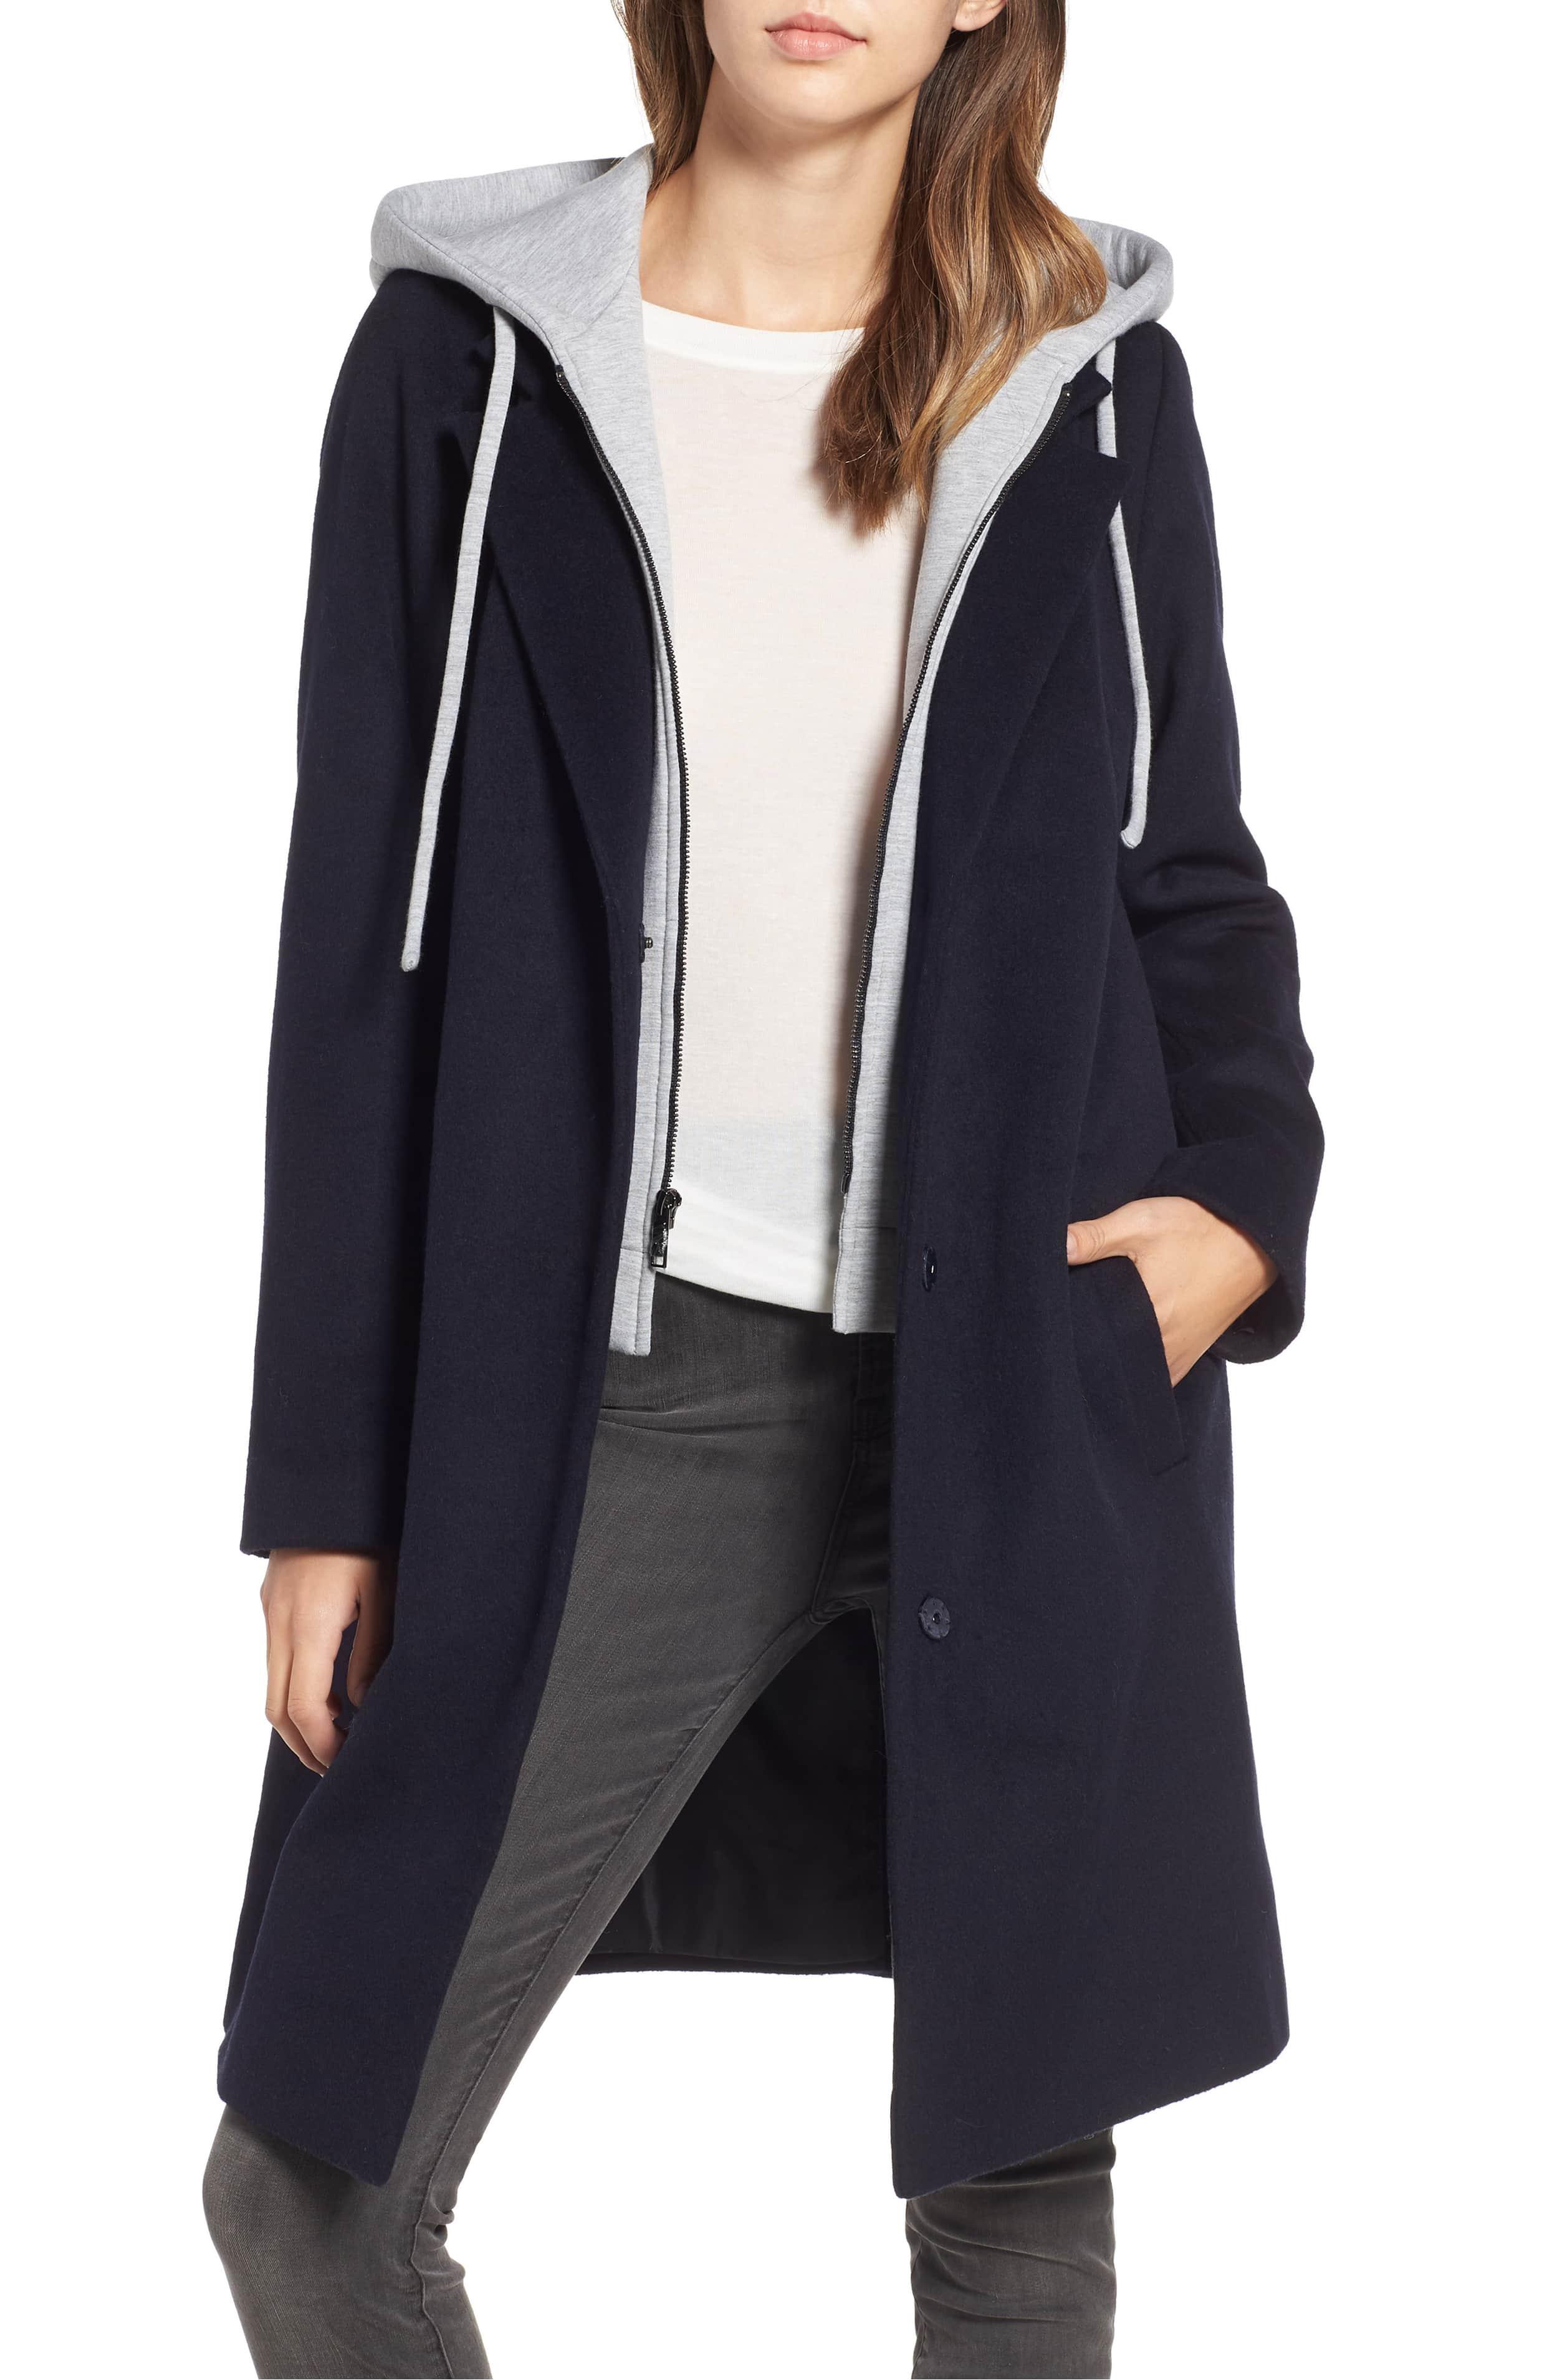 rachel roy trench coat hoodie inset